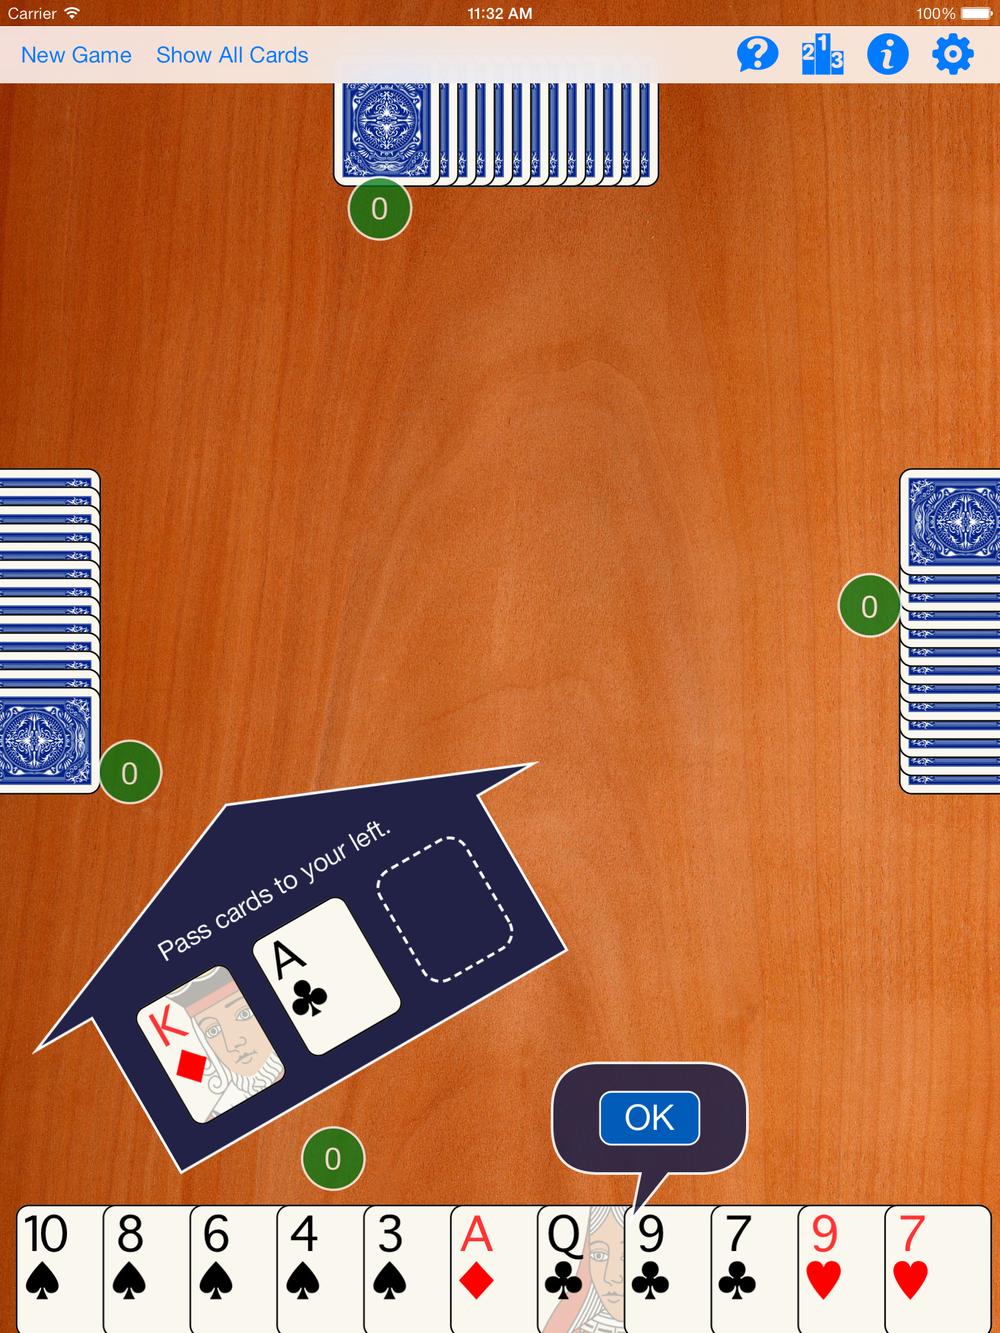 iOS Simulator Screen shot Sep 17, 2013 11.32.29 AM.png